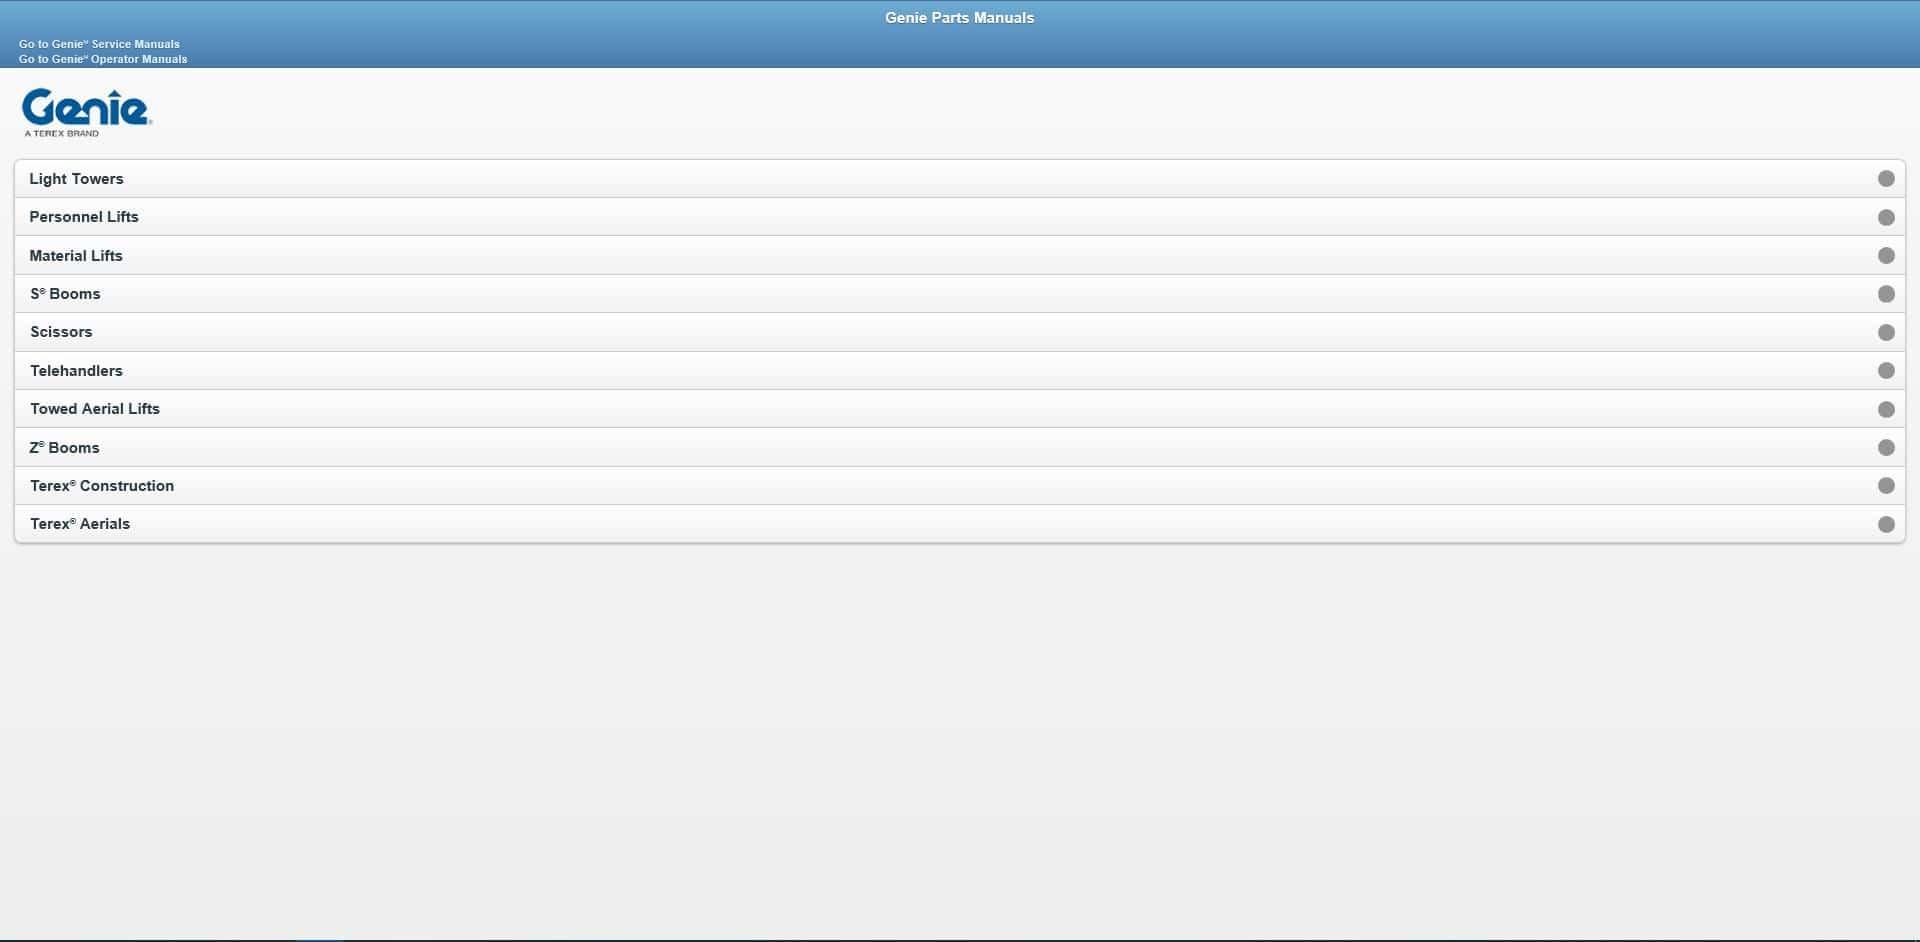 Genie_Lift_Operators_Manuals_Parts_Manuals_Service_Manuals_062020_DVD3